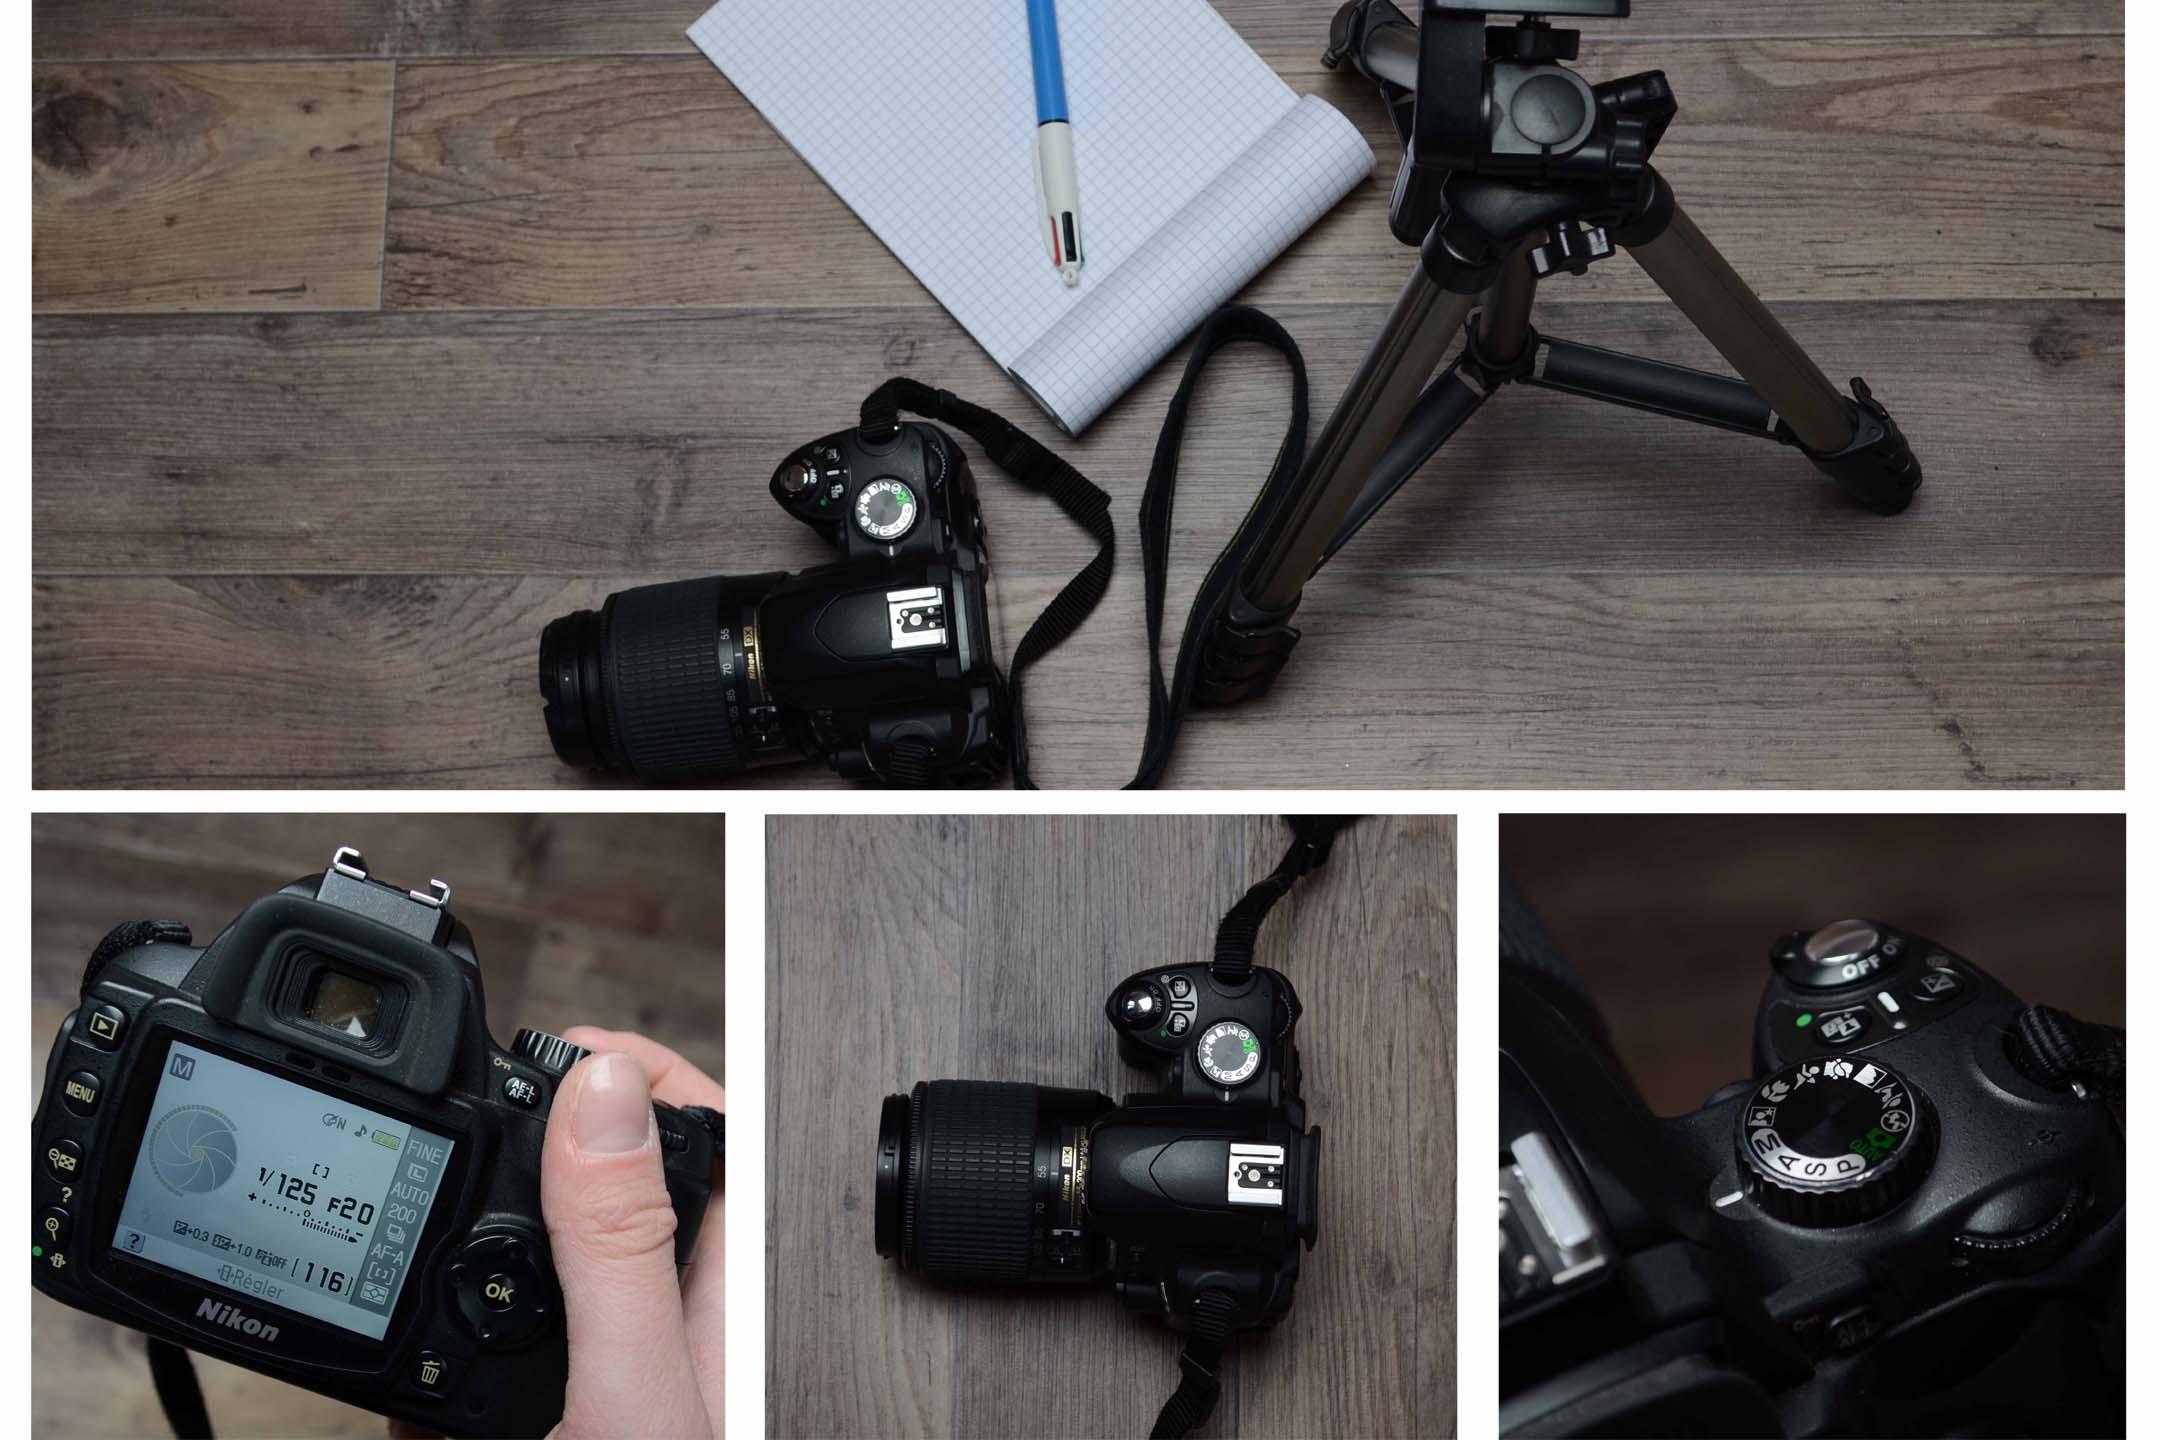 Formation photographie : vivre de sa passion, ce n'est pas cliché.